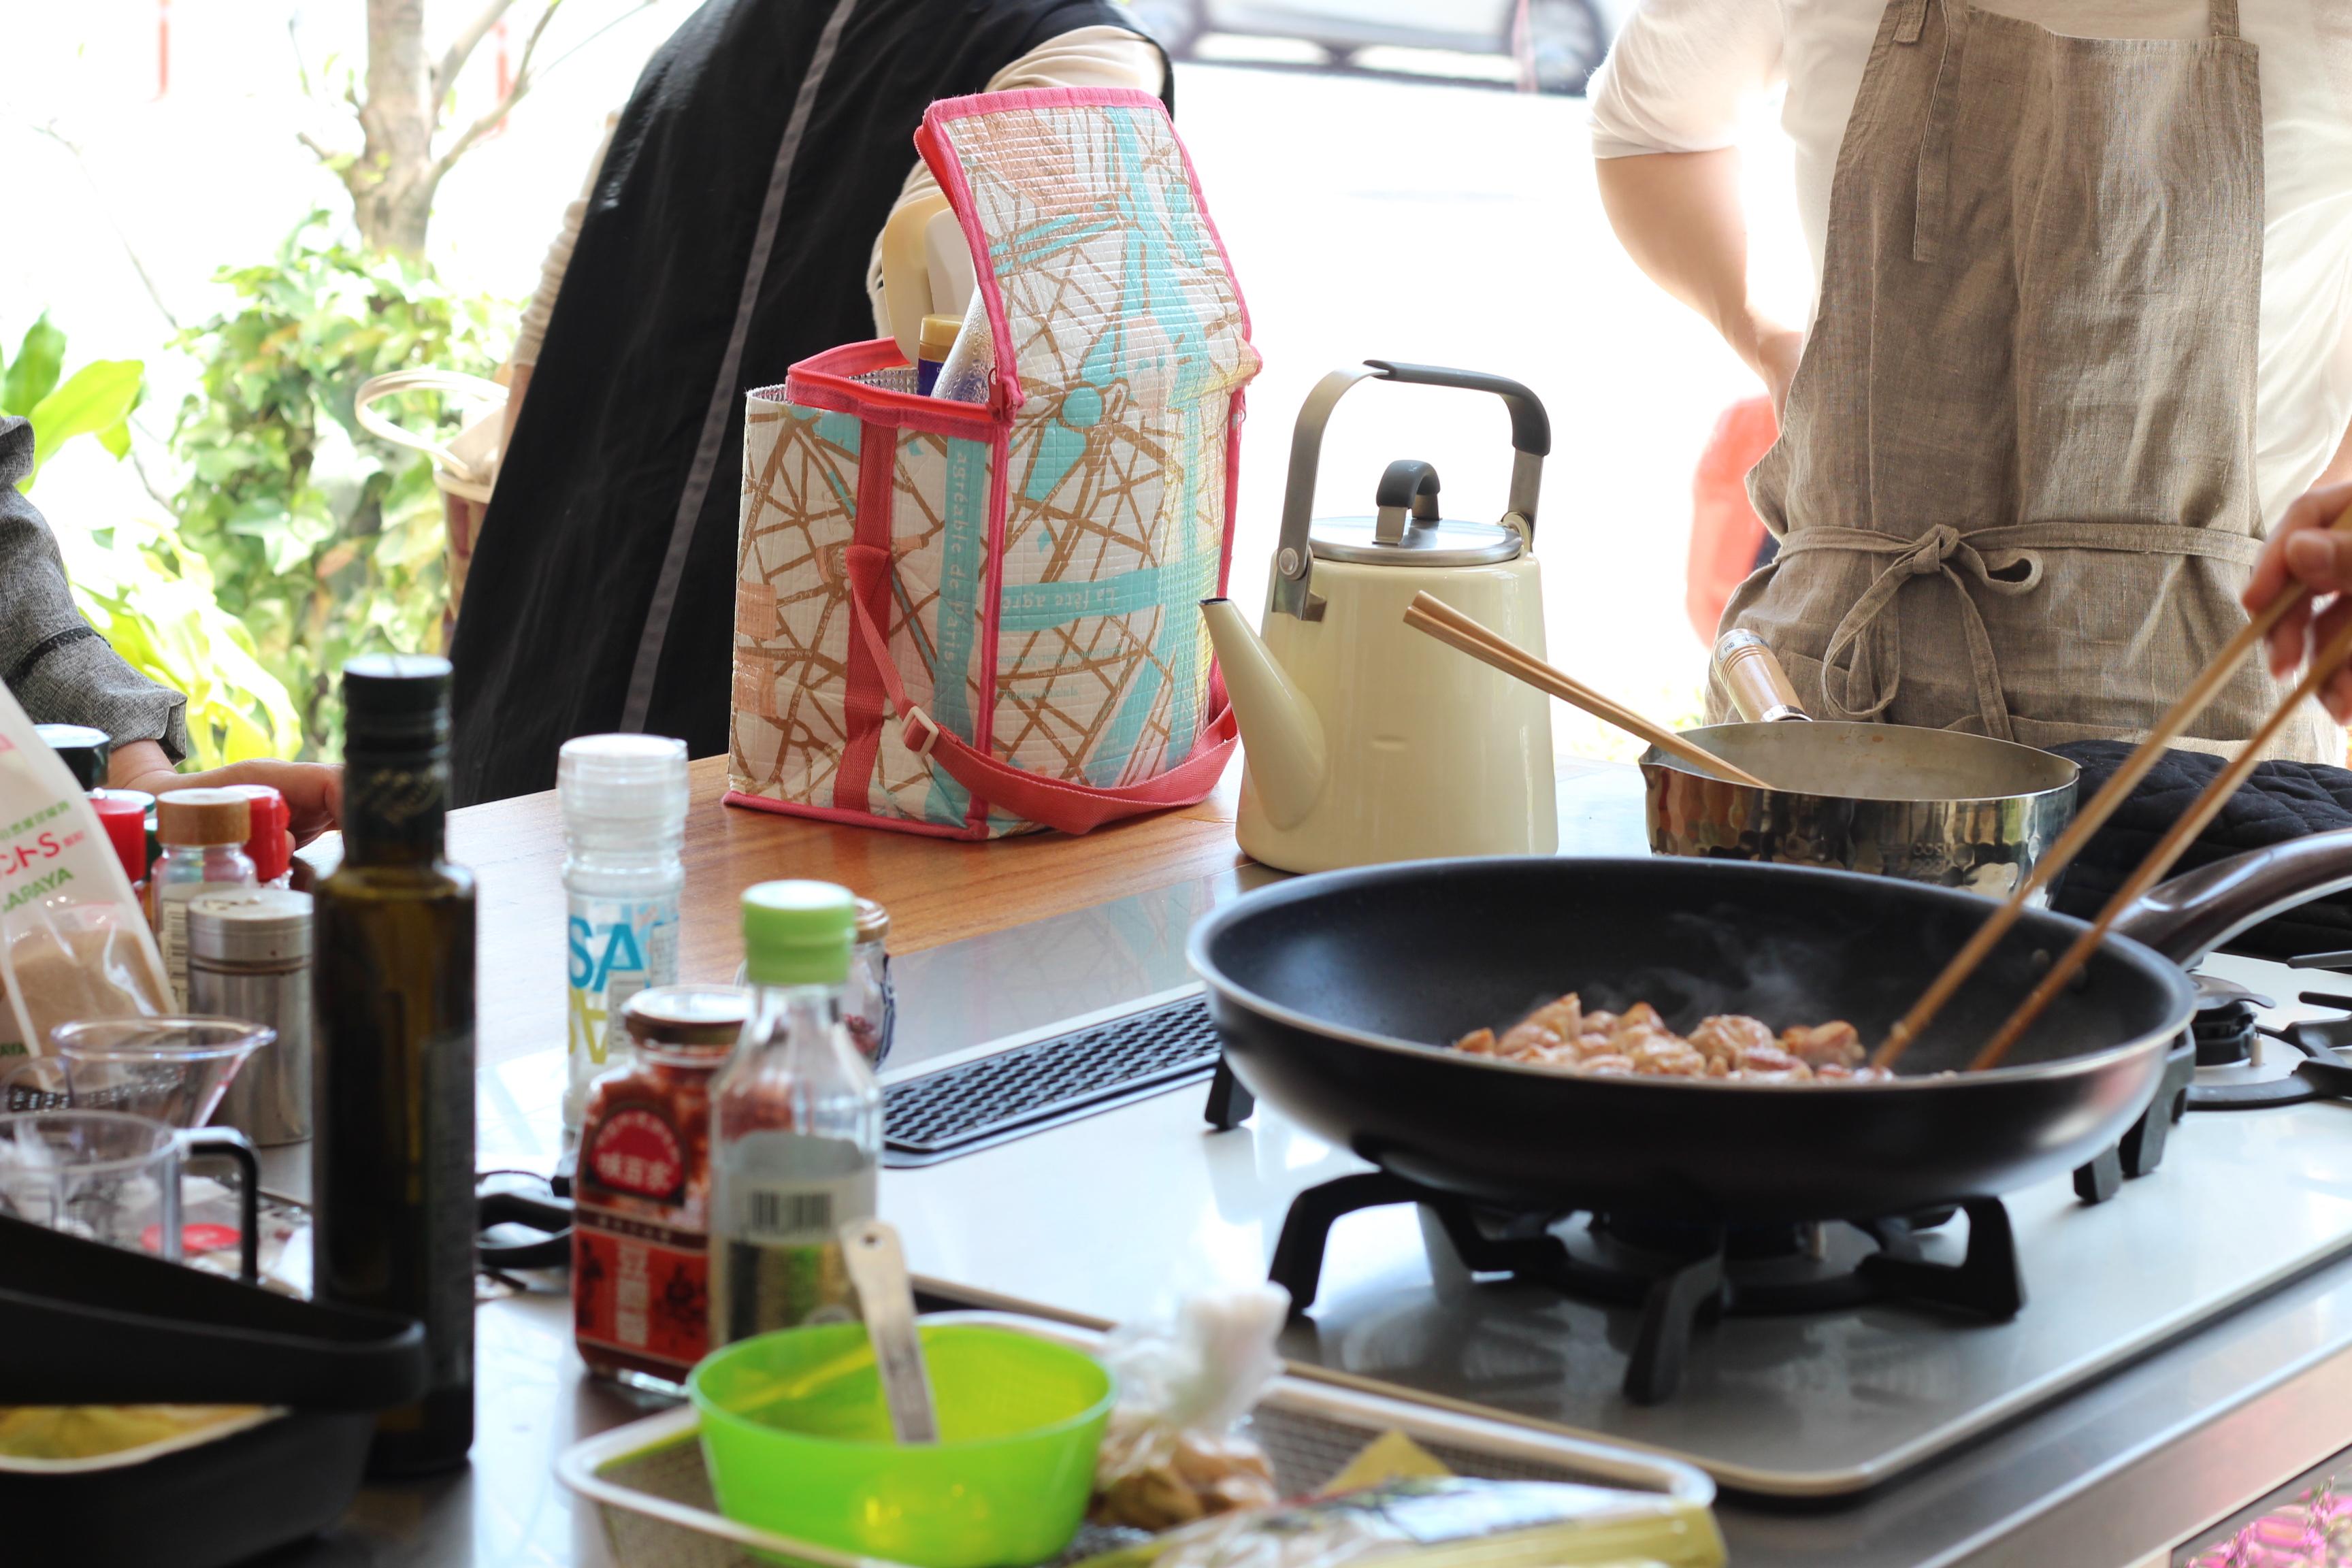 a-ta-sante糖質制限パン料理教室。『おしゃれで楽しい低糖質料理教室』4月16日最終日